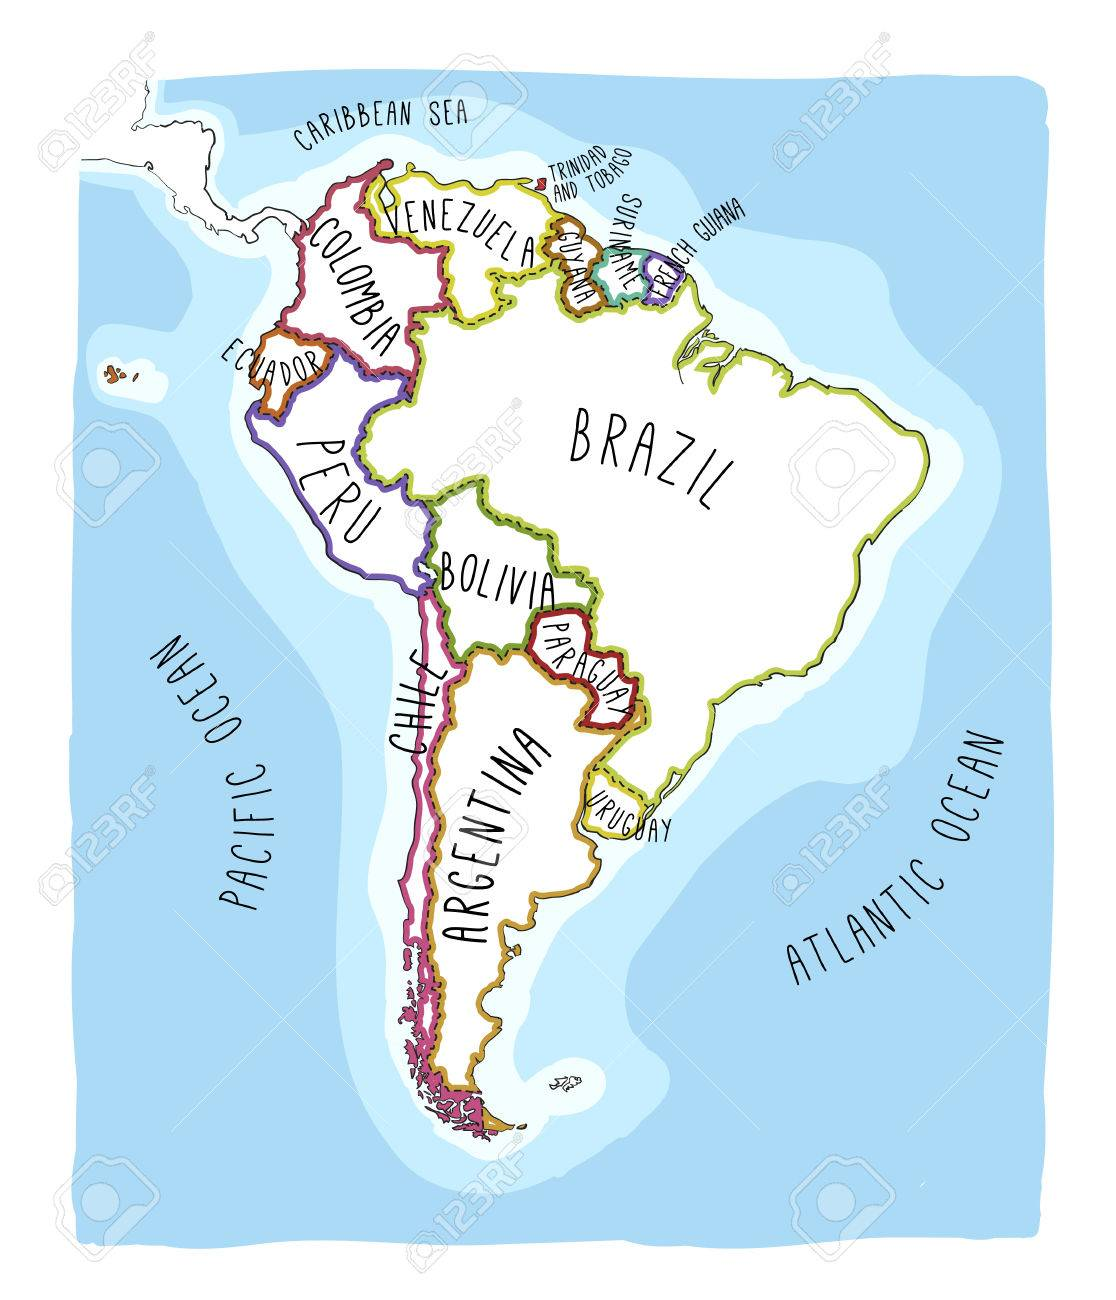 Carte Amerique Latine Uruguay.Carte Vectorielle Dessine A La Main De L Amerique Du Sud Texte